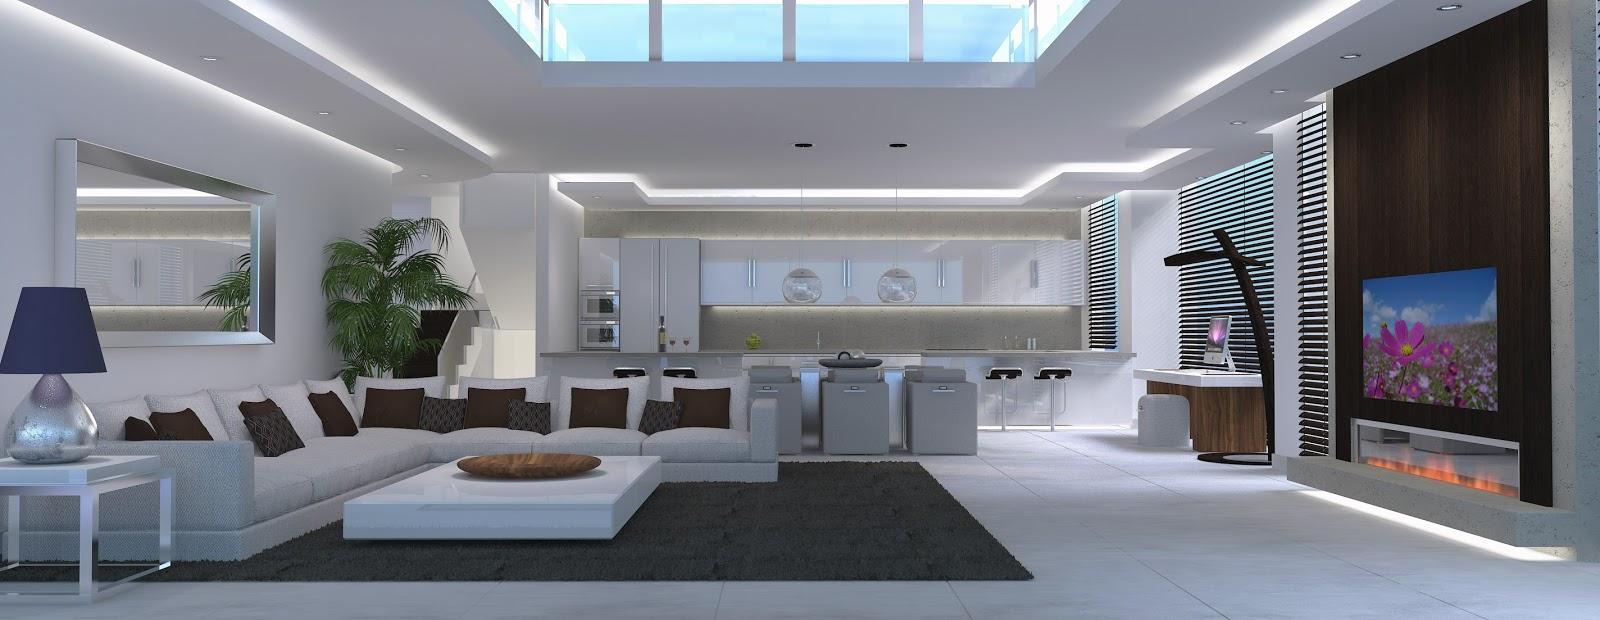 Sierra Blanca Apartments Taylor Az